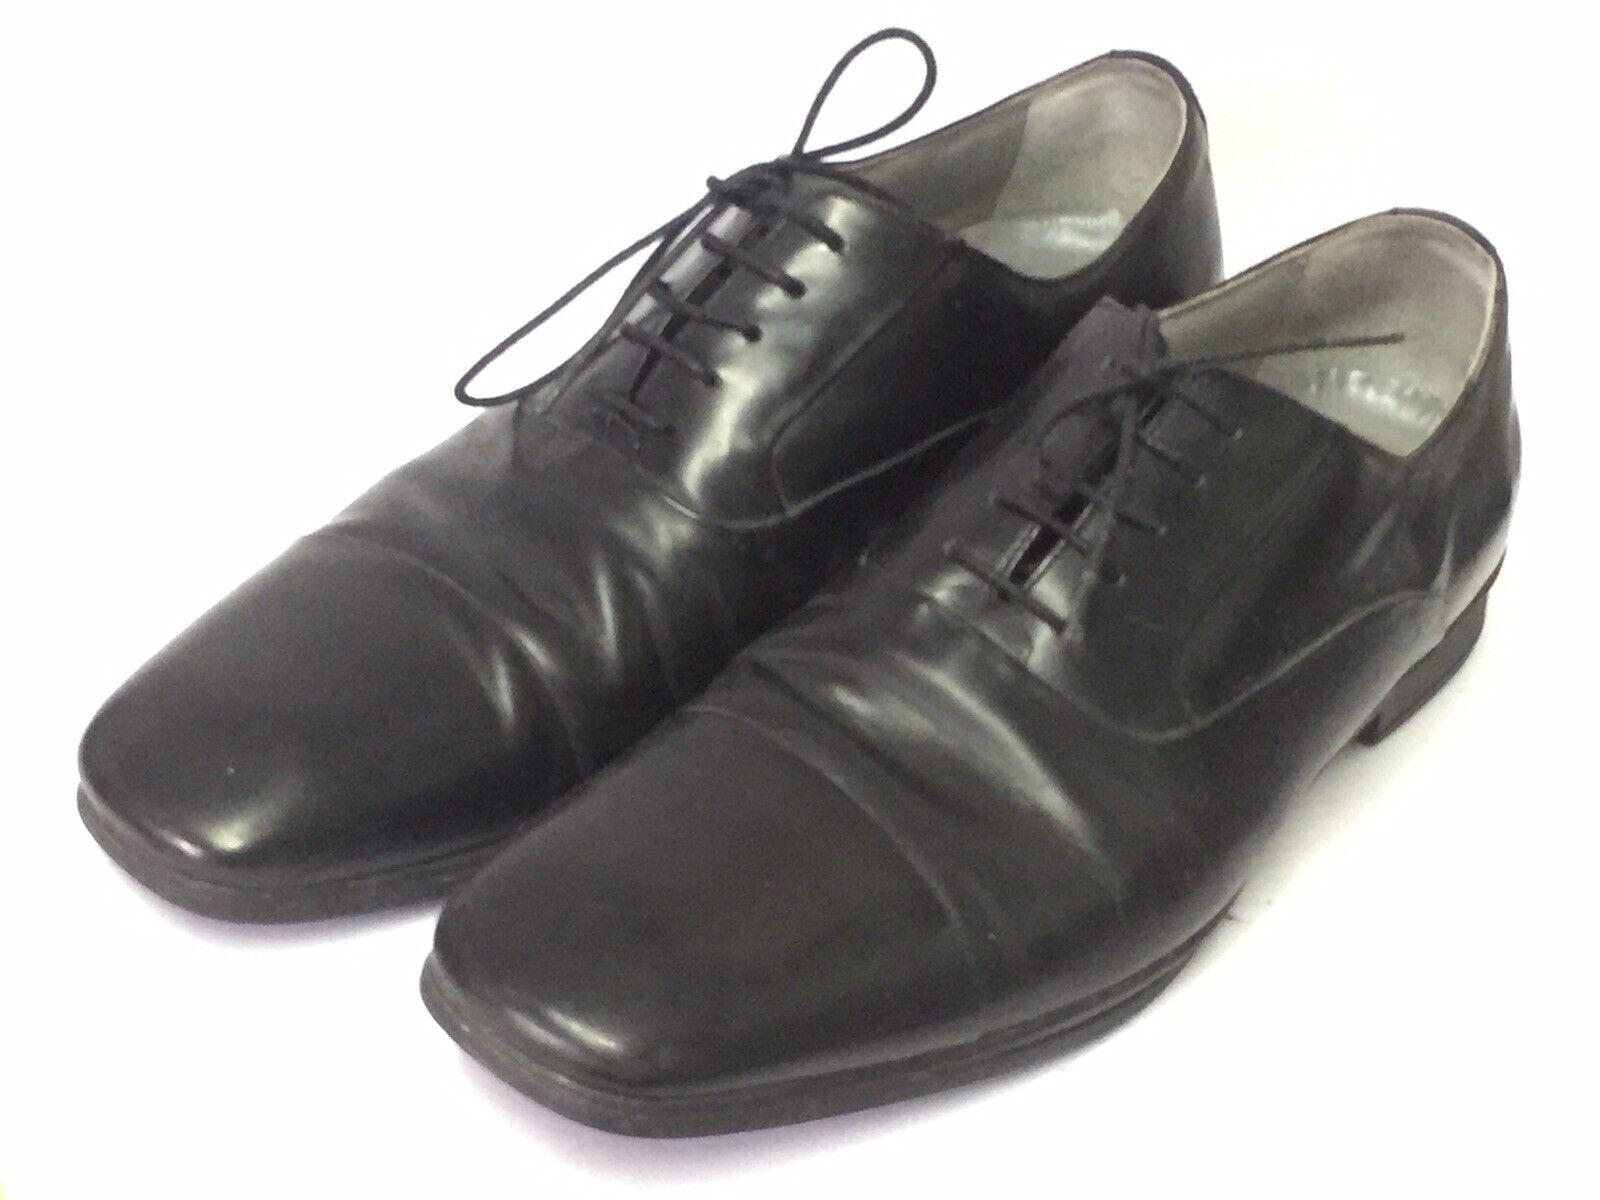 Kenneth Cole Black Men's Dress shoes Leather Oxfords Size 11M US   44.5 EU